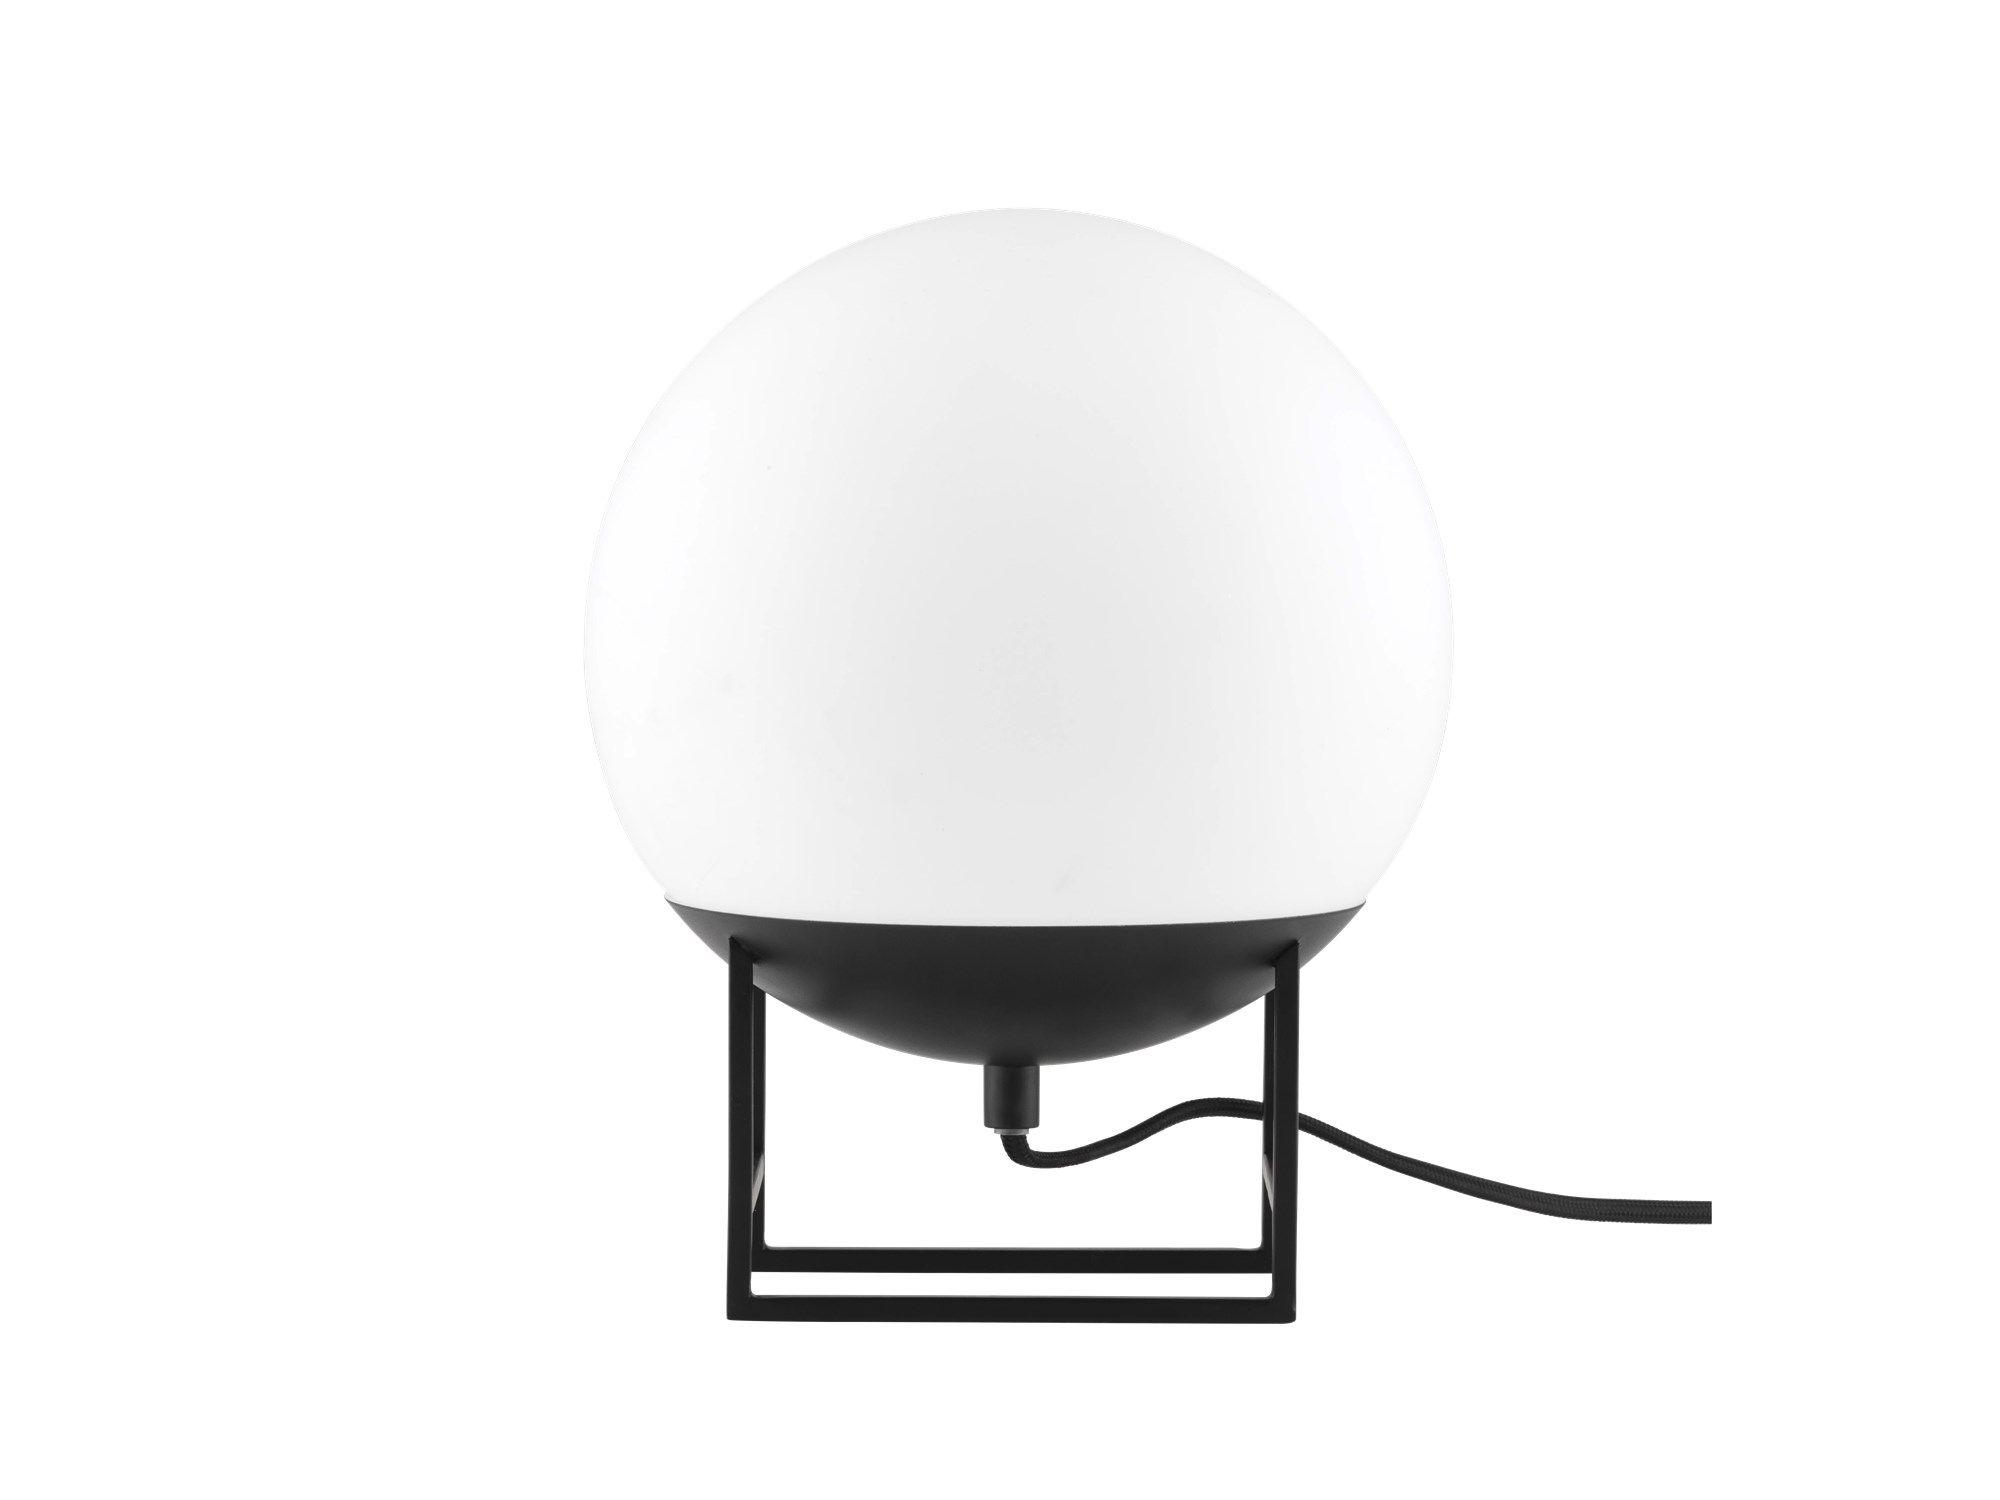 Bordlampen O-light er med et kuleformet lampehode som hviler på et kantet understell – som en svevende ballong som tar seg en hvil. O-light er en lett og grafisk sterk lampe, som gir et mykt og vennlig lys til omgivelsene.